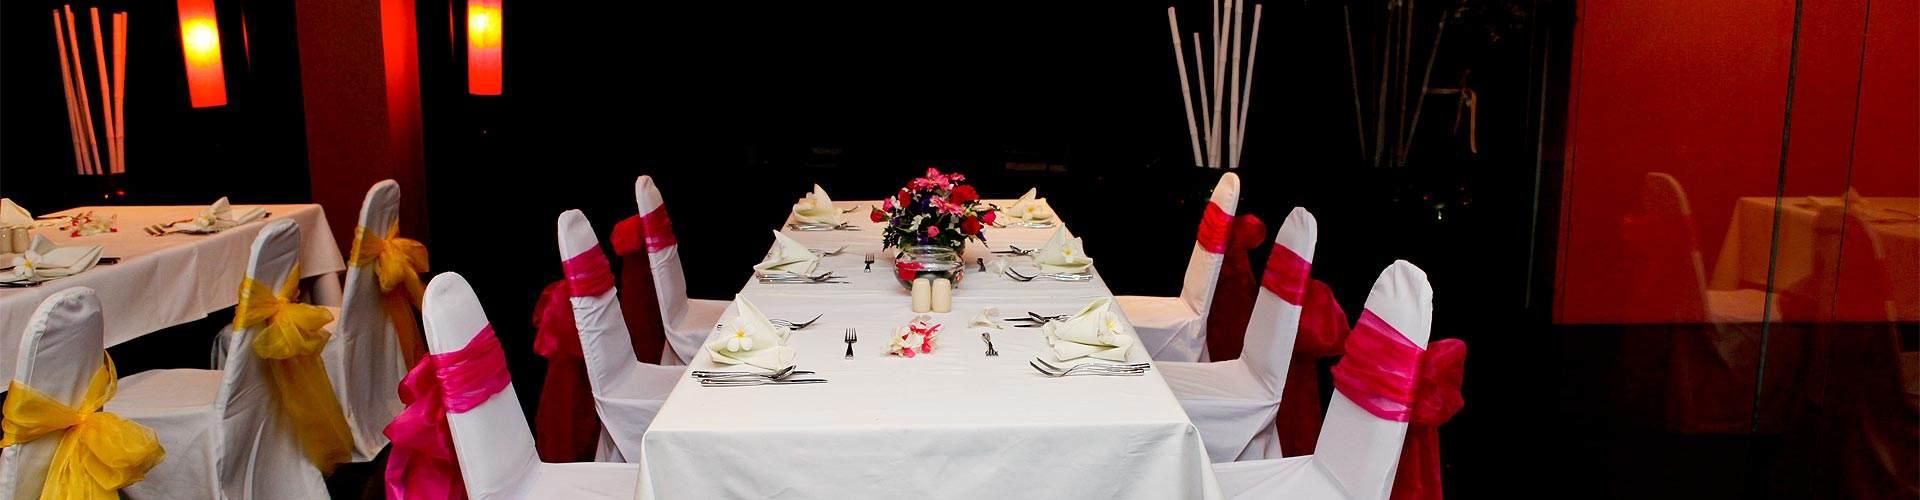 19 restaurantes para fin de a o 2016 en poblenou y - Restaurantes para fin de ano ...